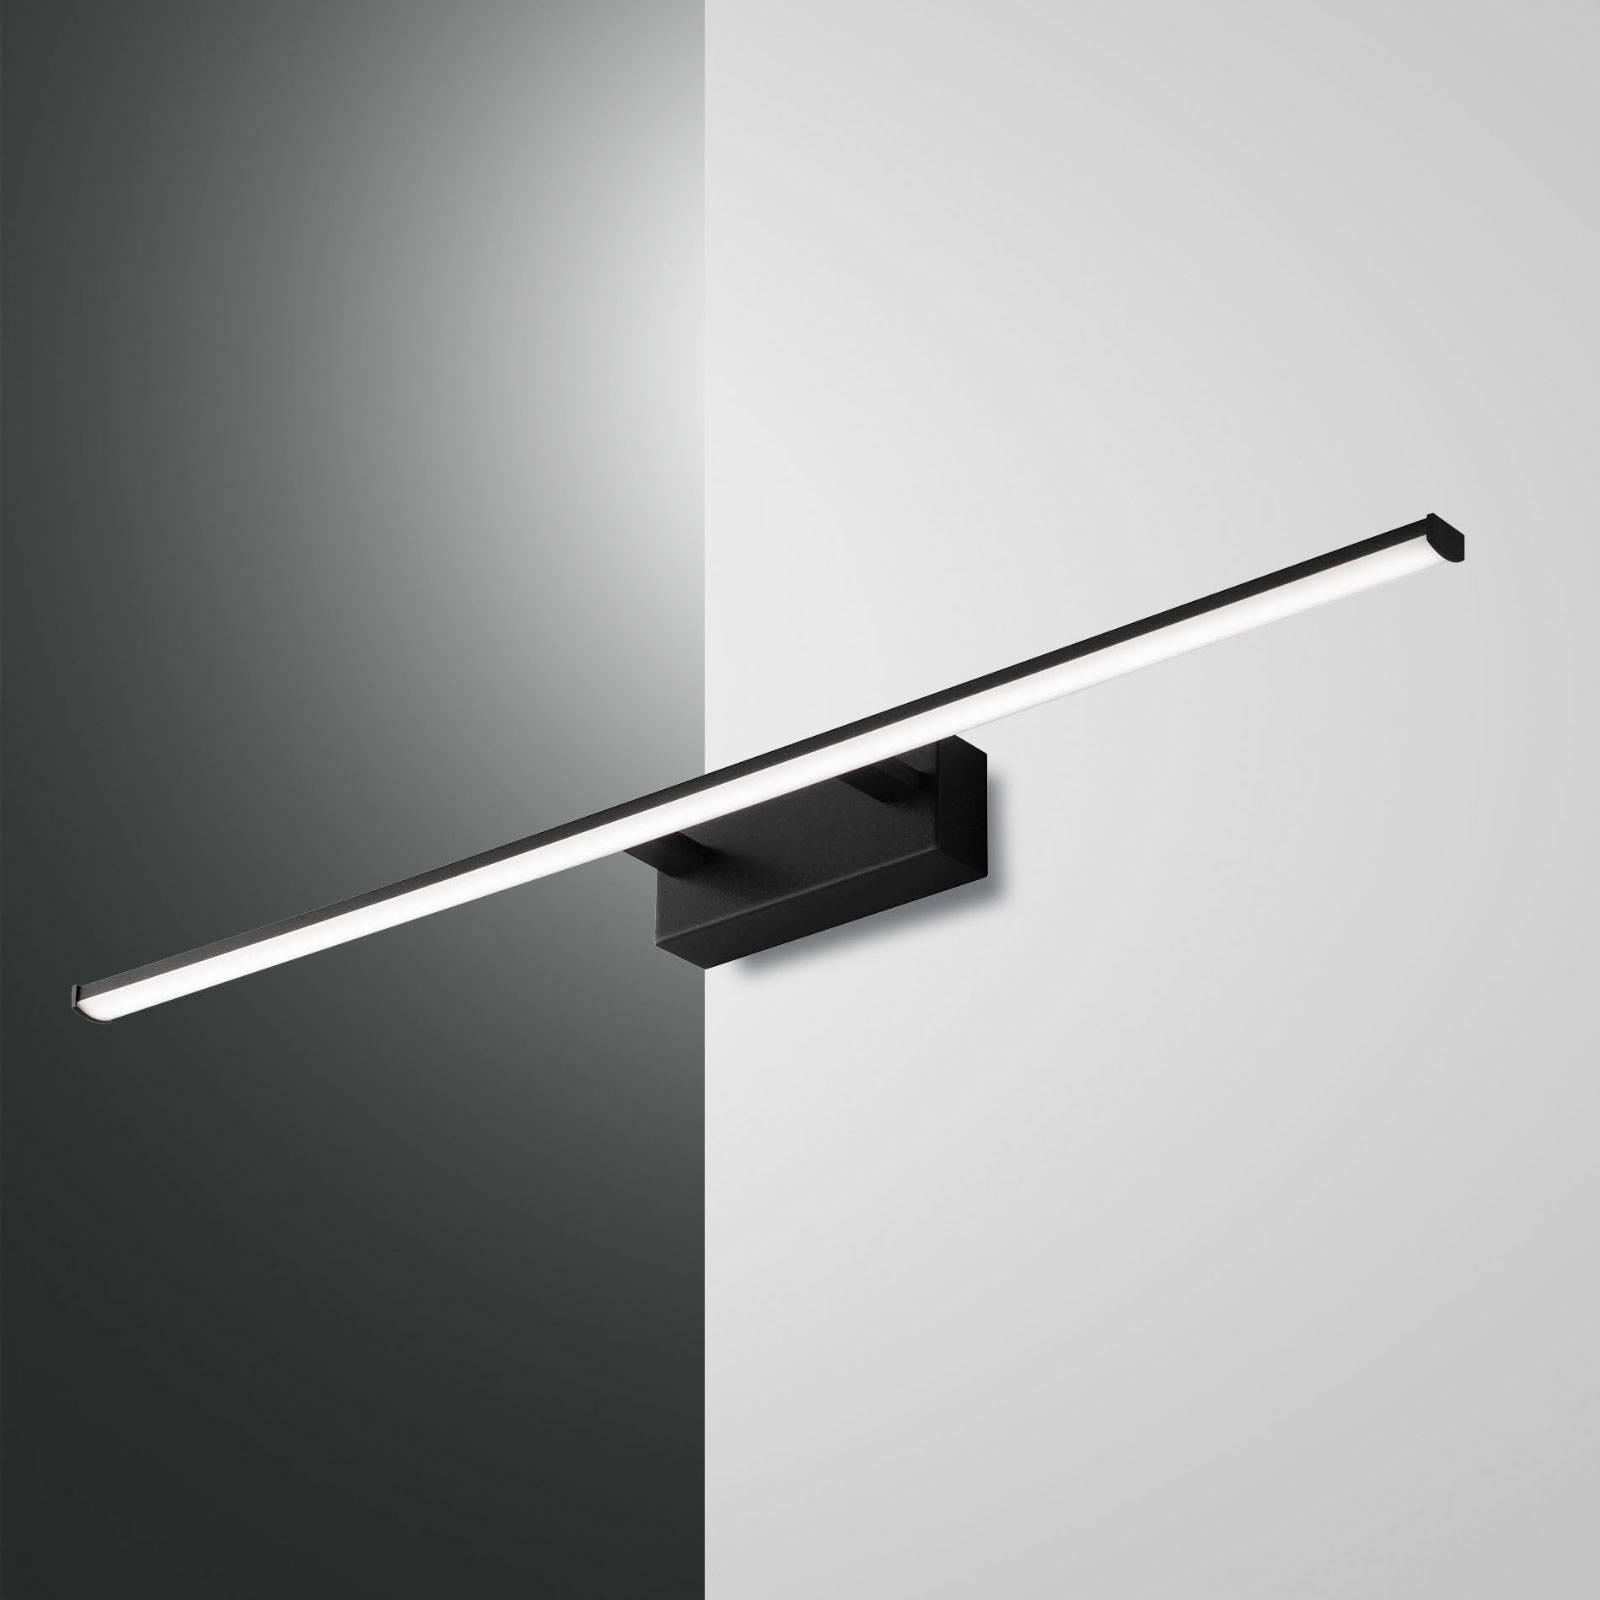 LED-seinävalaisin Nala, musta, leveys 75 cm